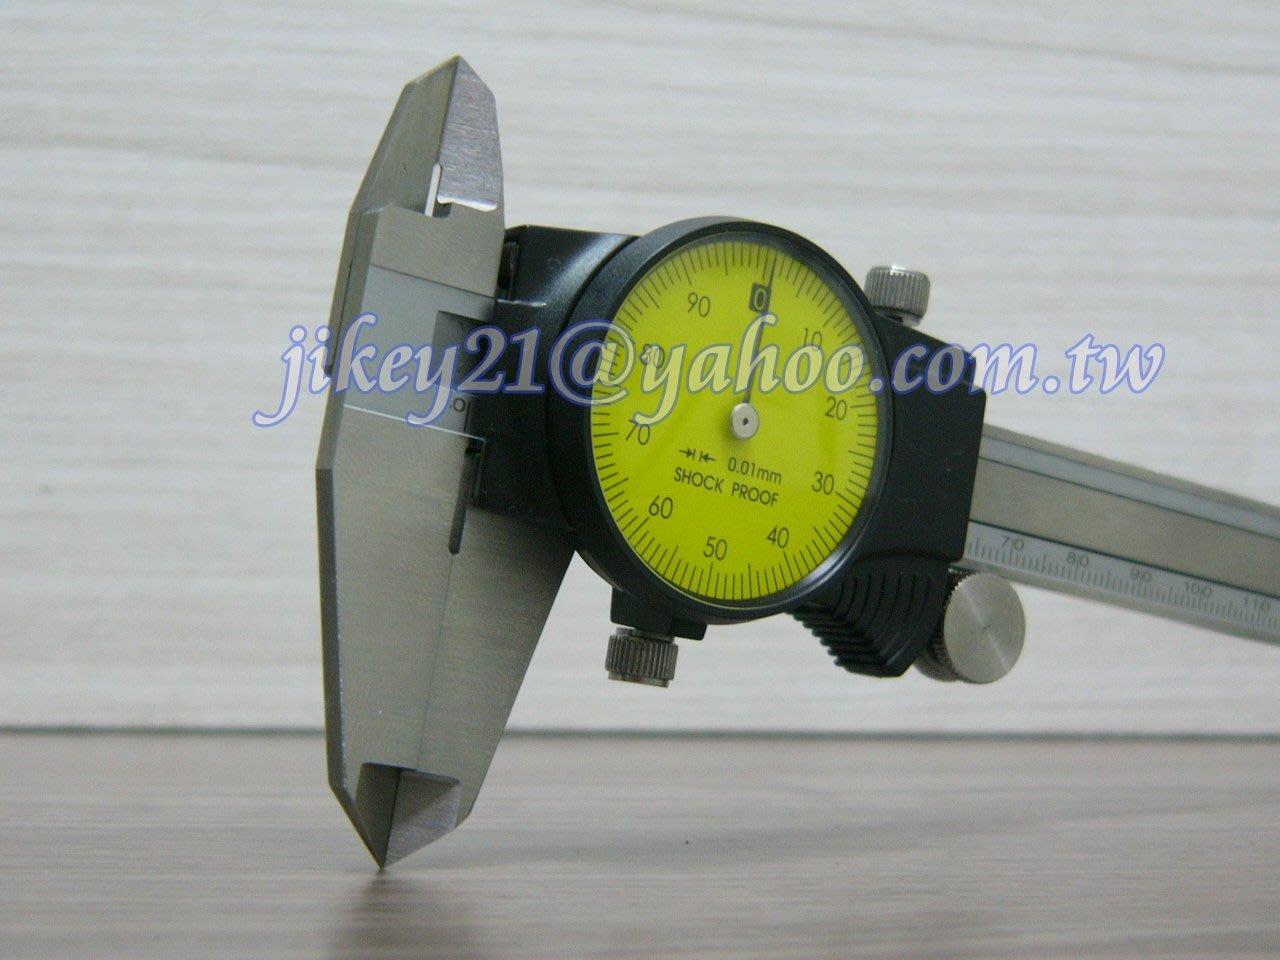 附錶卡尺150MM*0.01-$:1800免運費-( MITUTOYO 505-681可參考)